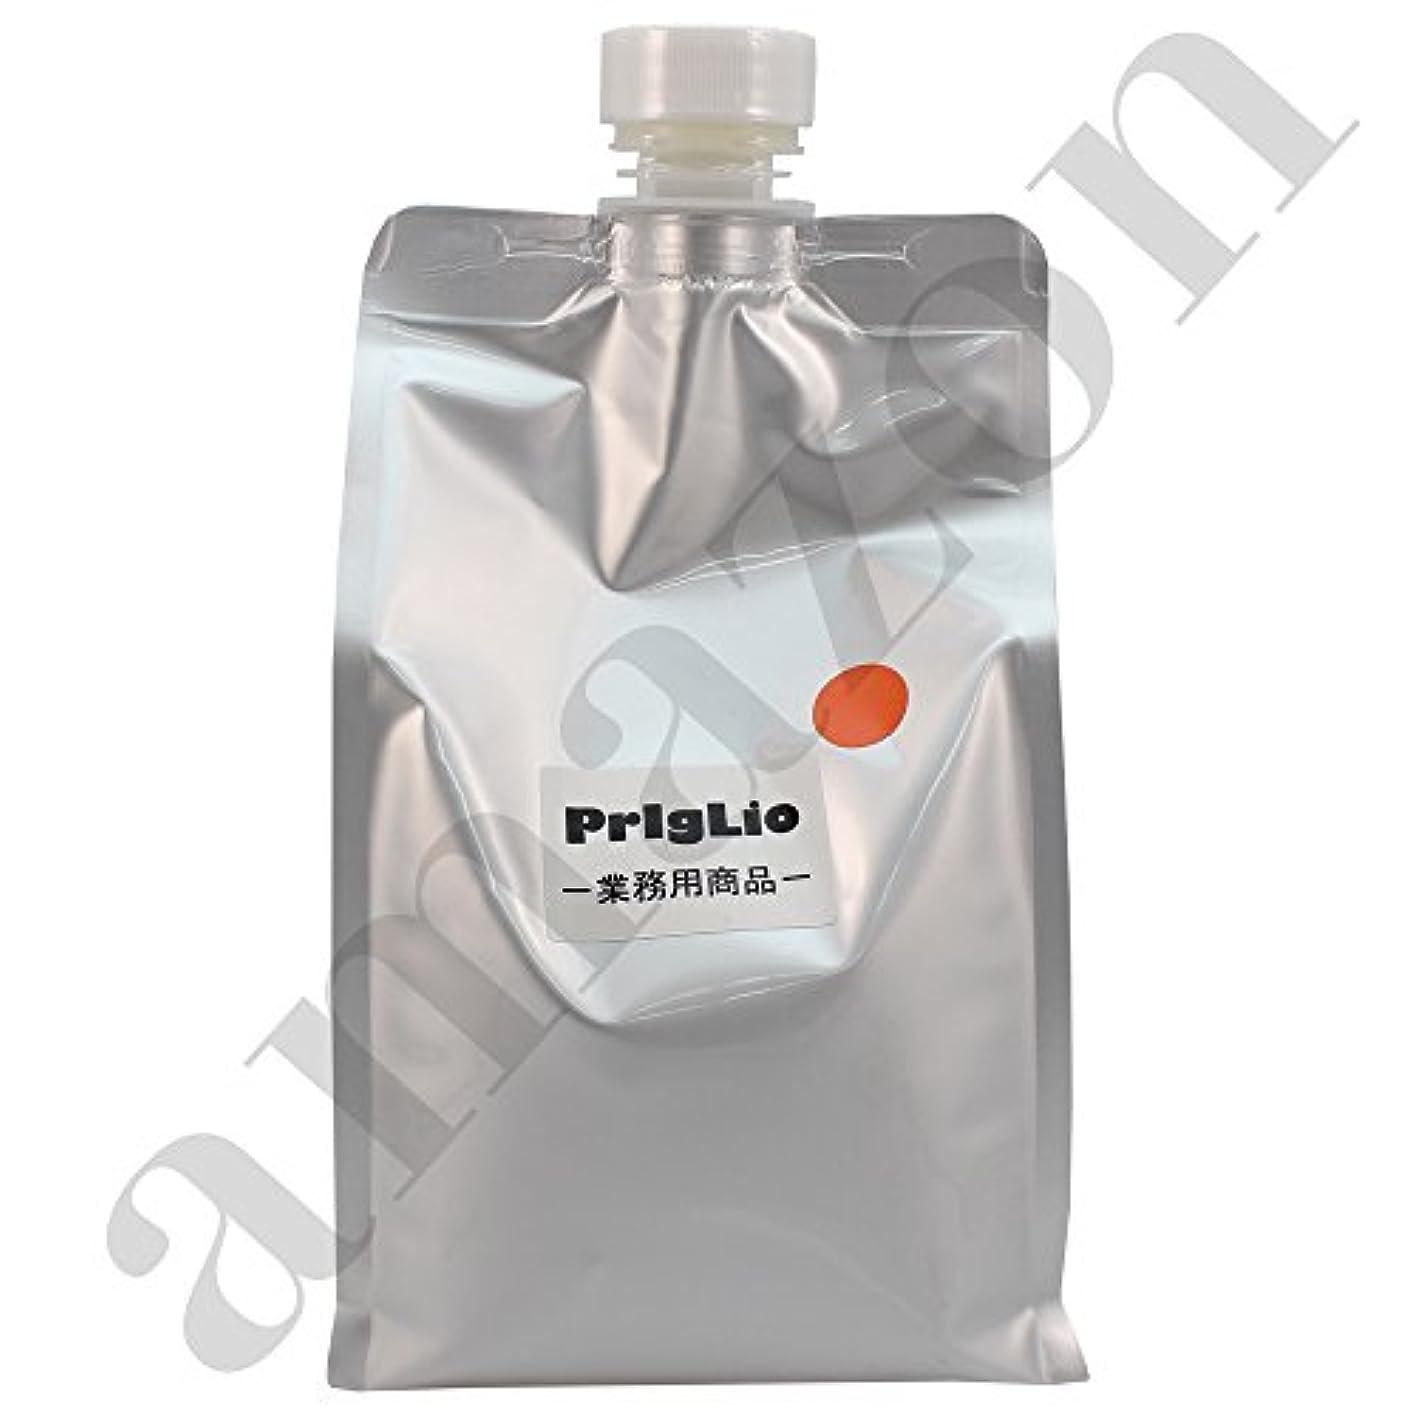 ボトルテスピアンオフセットプリグリオDナチュラルハーブシャンプーオレンジ 900ml 業務用